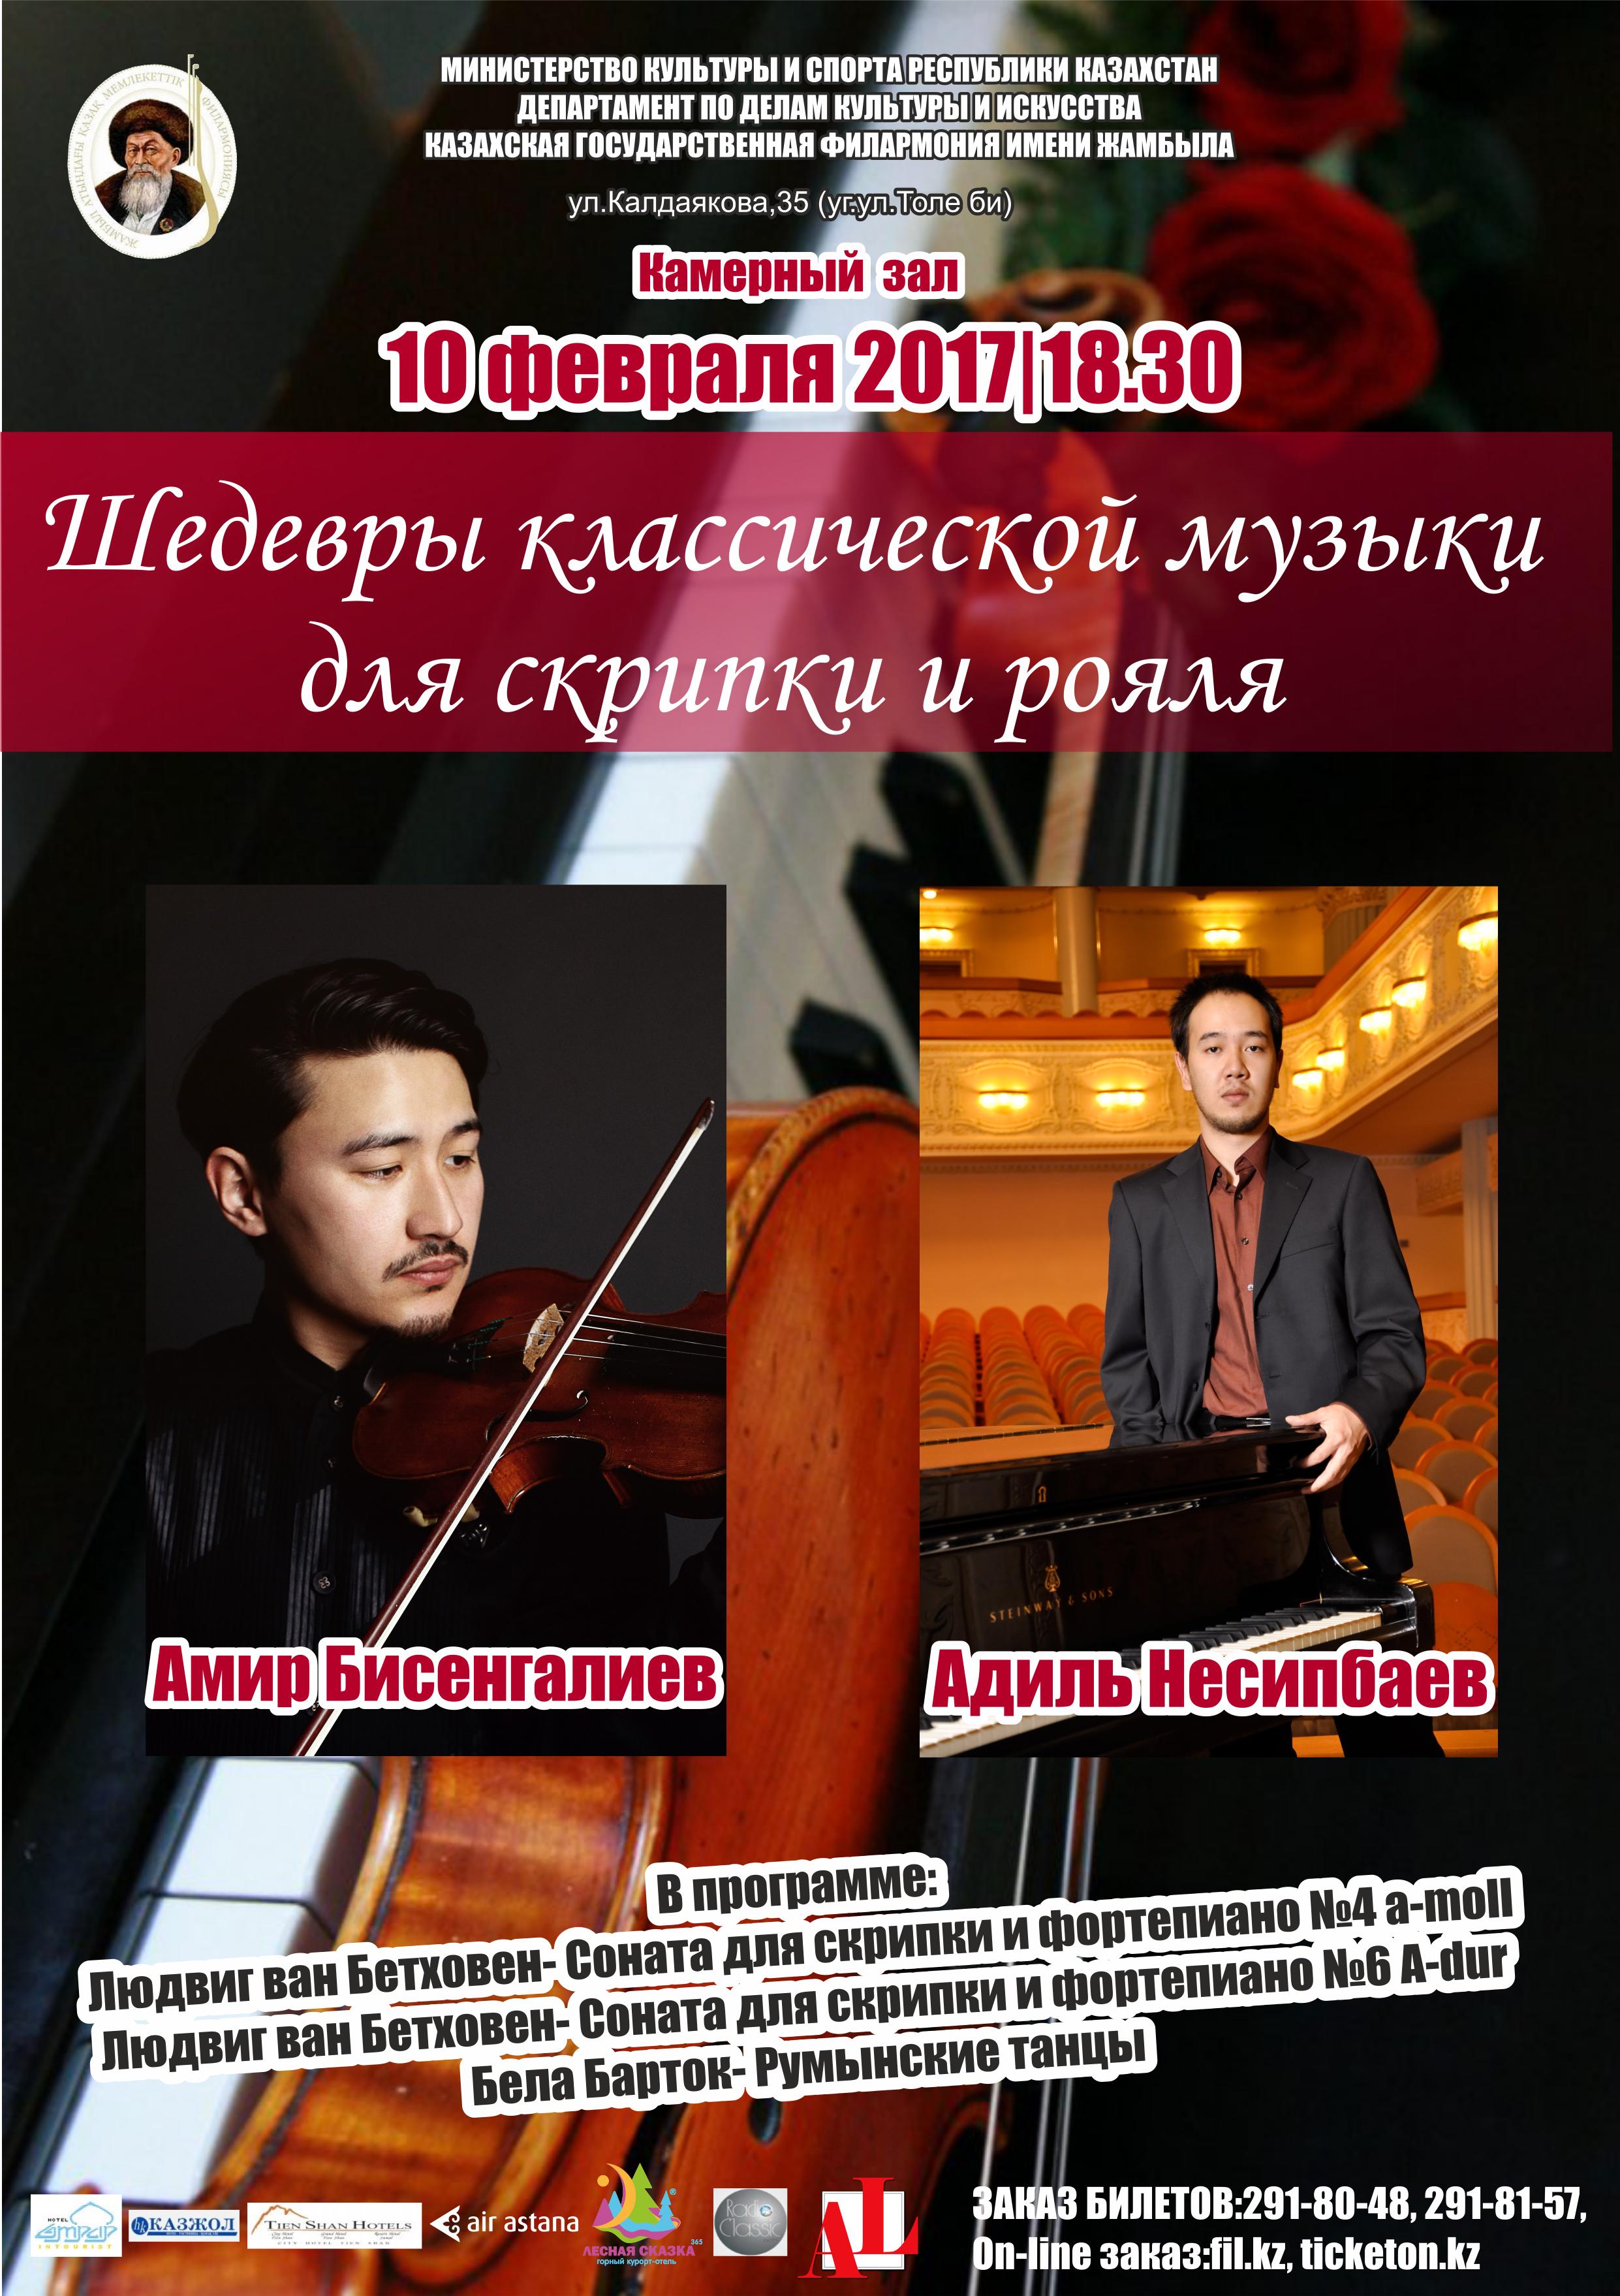 Шедевры классической музыки для скрипки и рояля